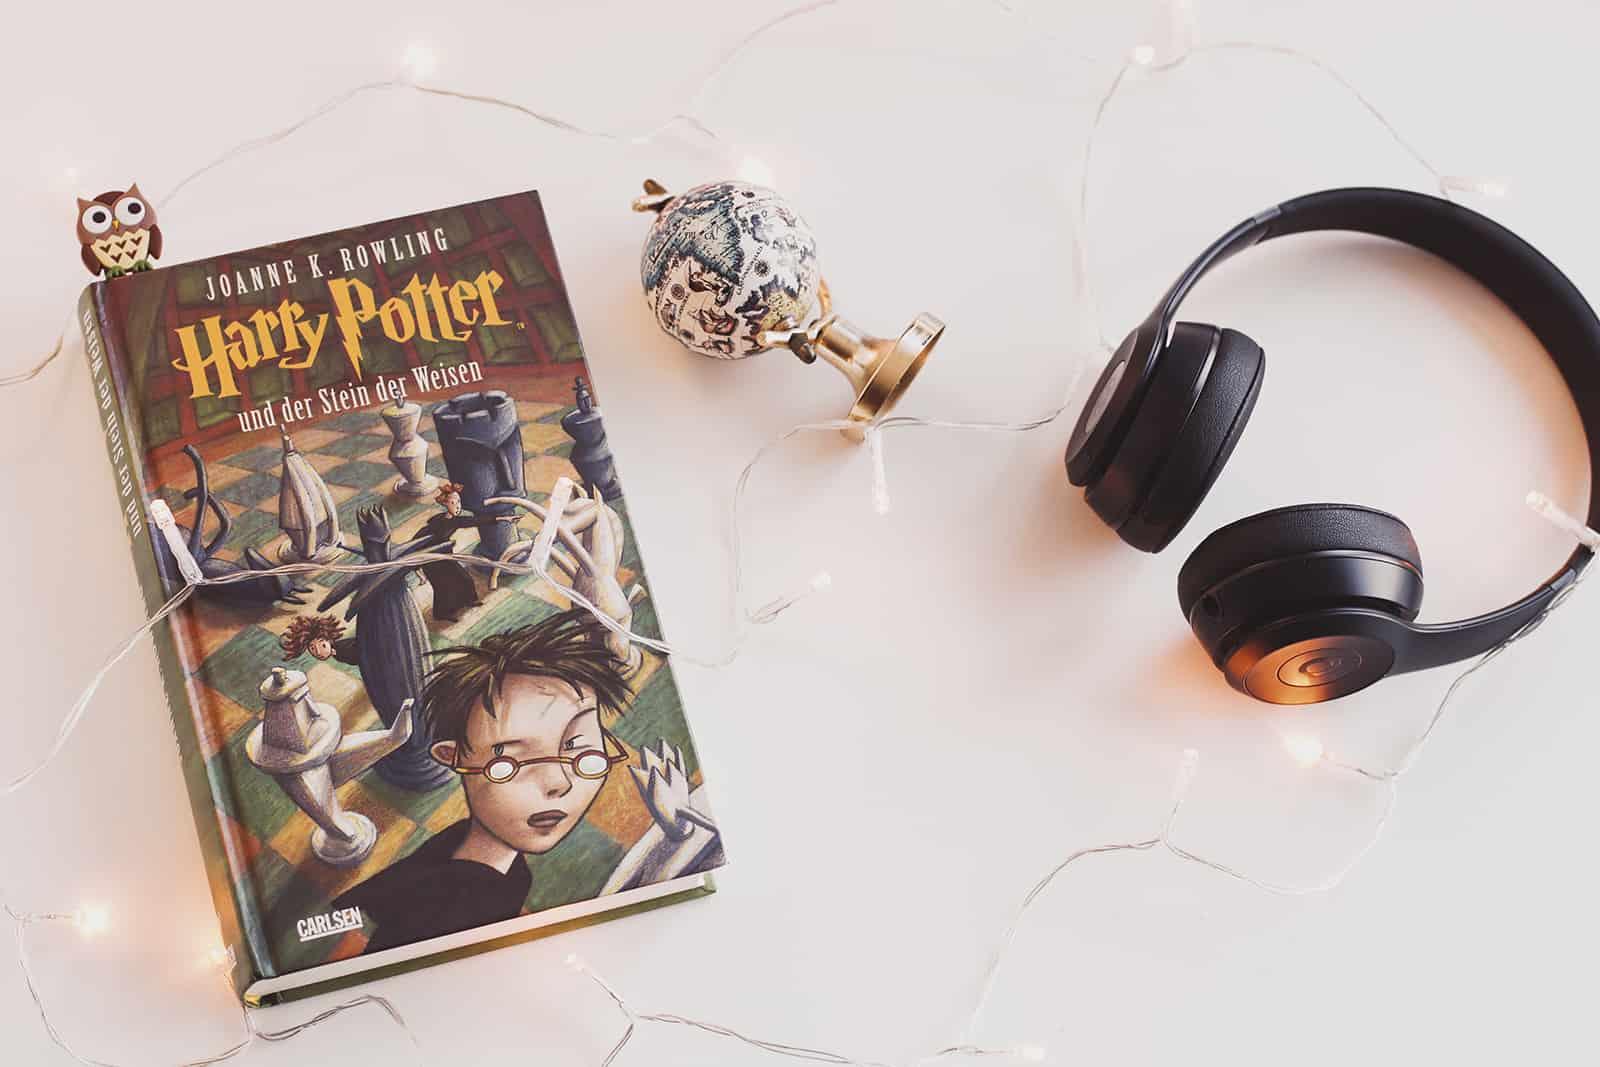 Harry Potter Buch und Kopfhörer daneben